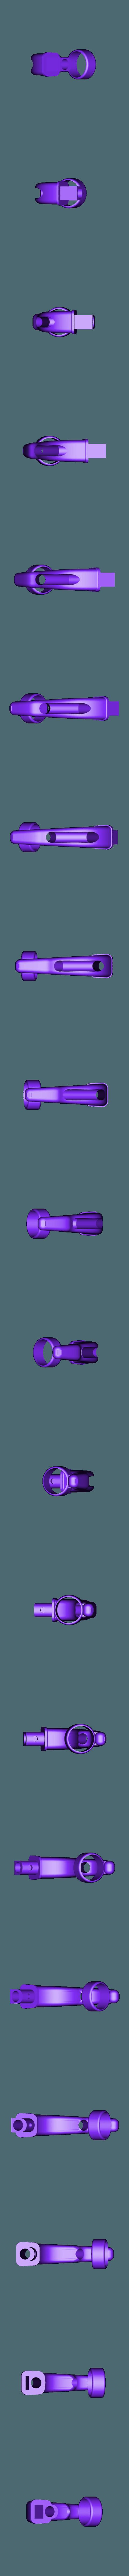 se10041a124.stl Télécharger fichier STL gratuit Lampe à gramophone • Modèle imprimable en 3D, Toolmoon